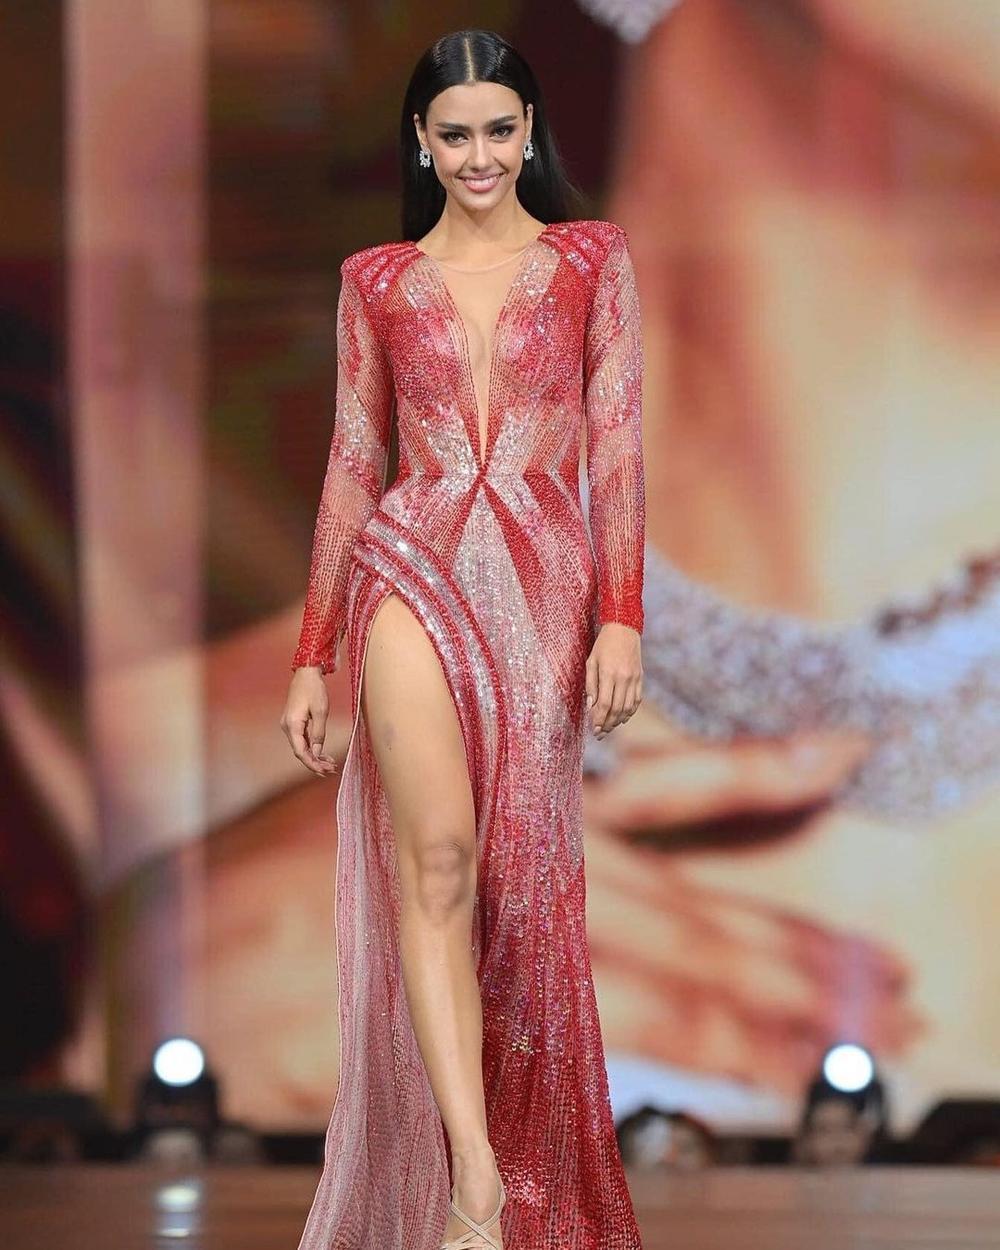 'Vượt mặt' hoa hậu Venezuela, Khánh Vân lọt Top 4 mỹ nhân được quan tâm nhất Miss Universe Ảnh 11